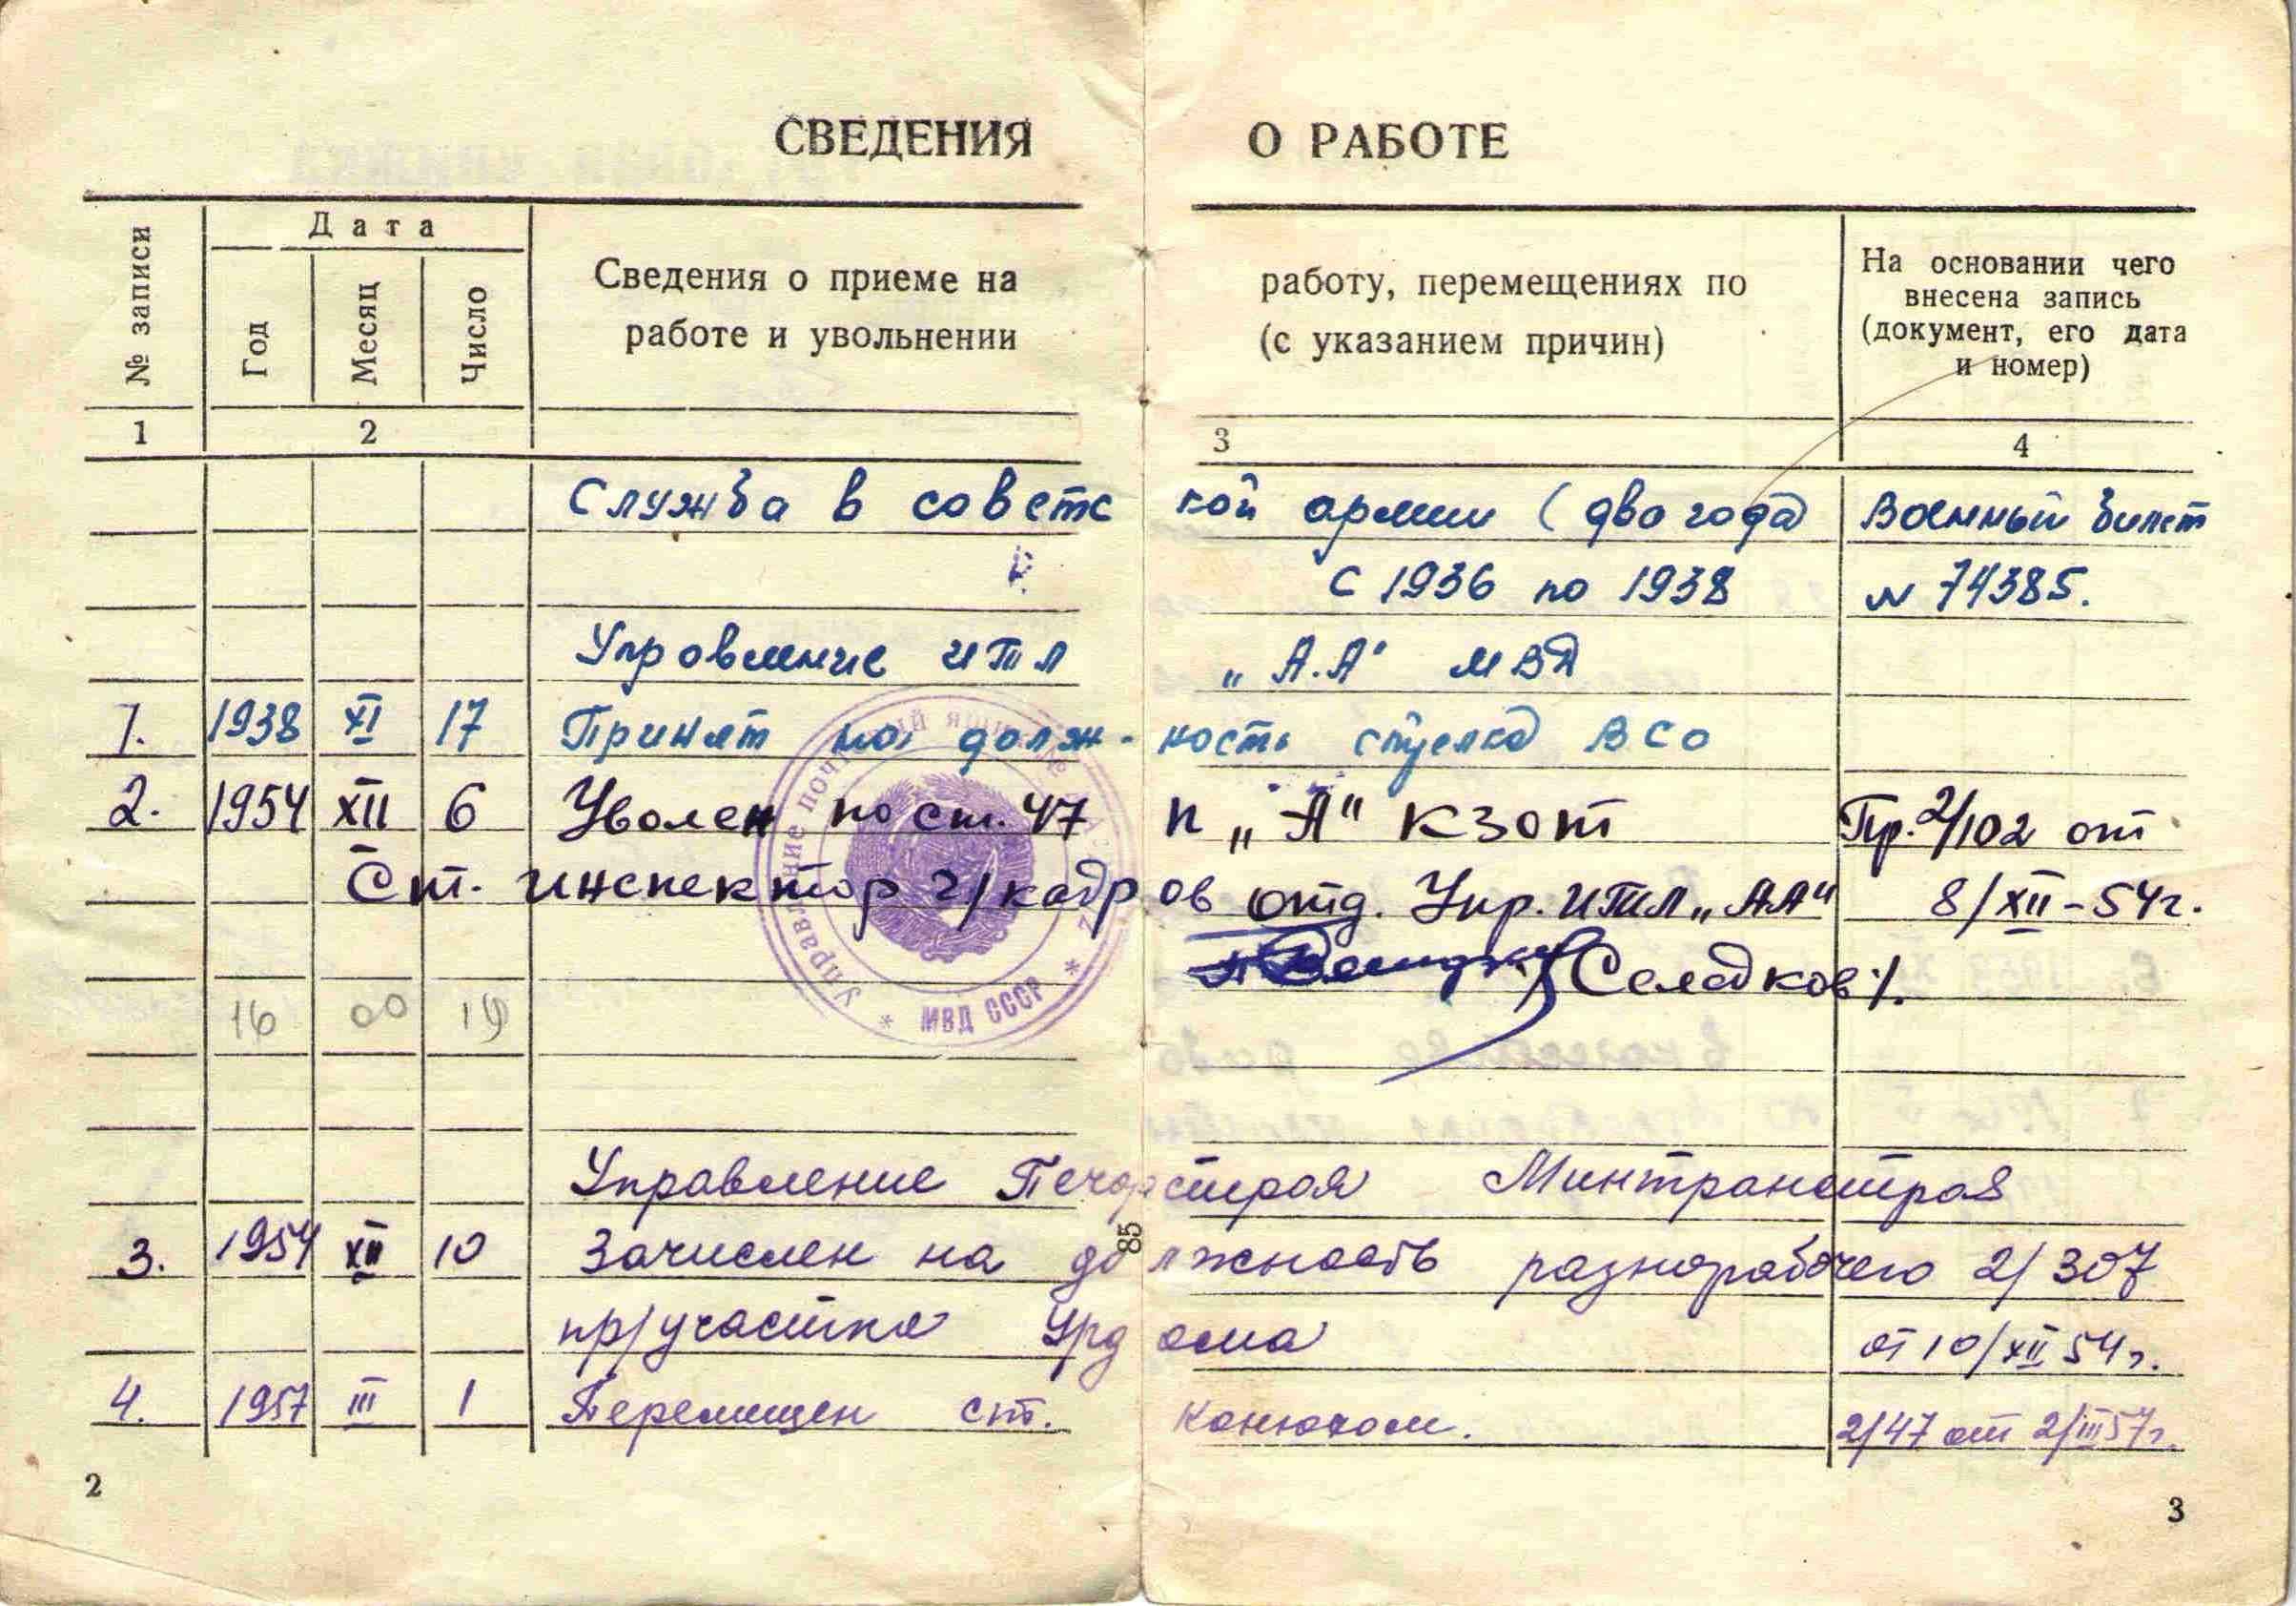 29. Трудовая книжка Барыкина ПП, 1951.